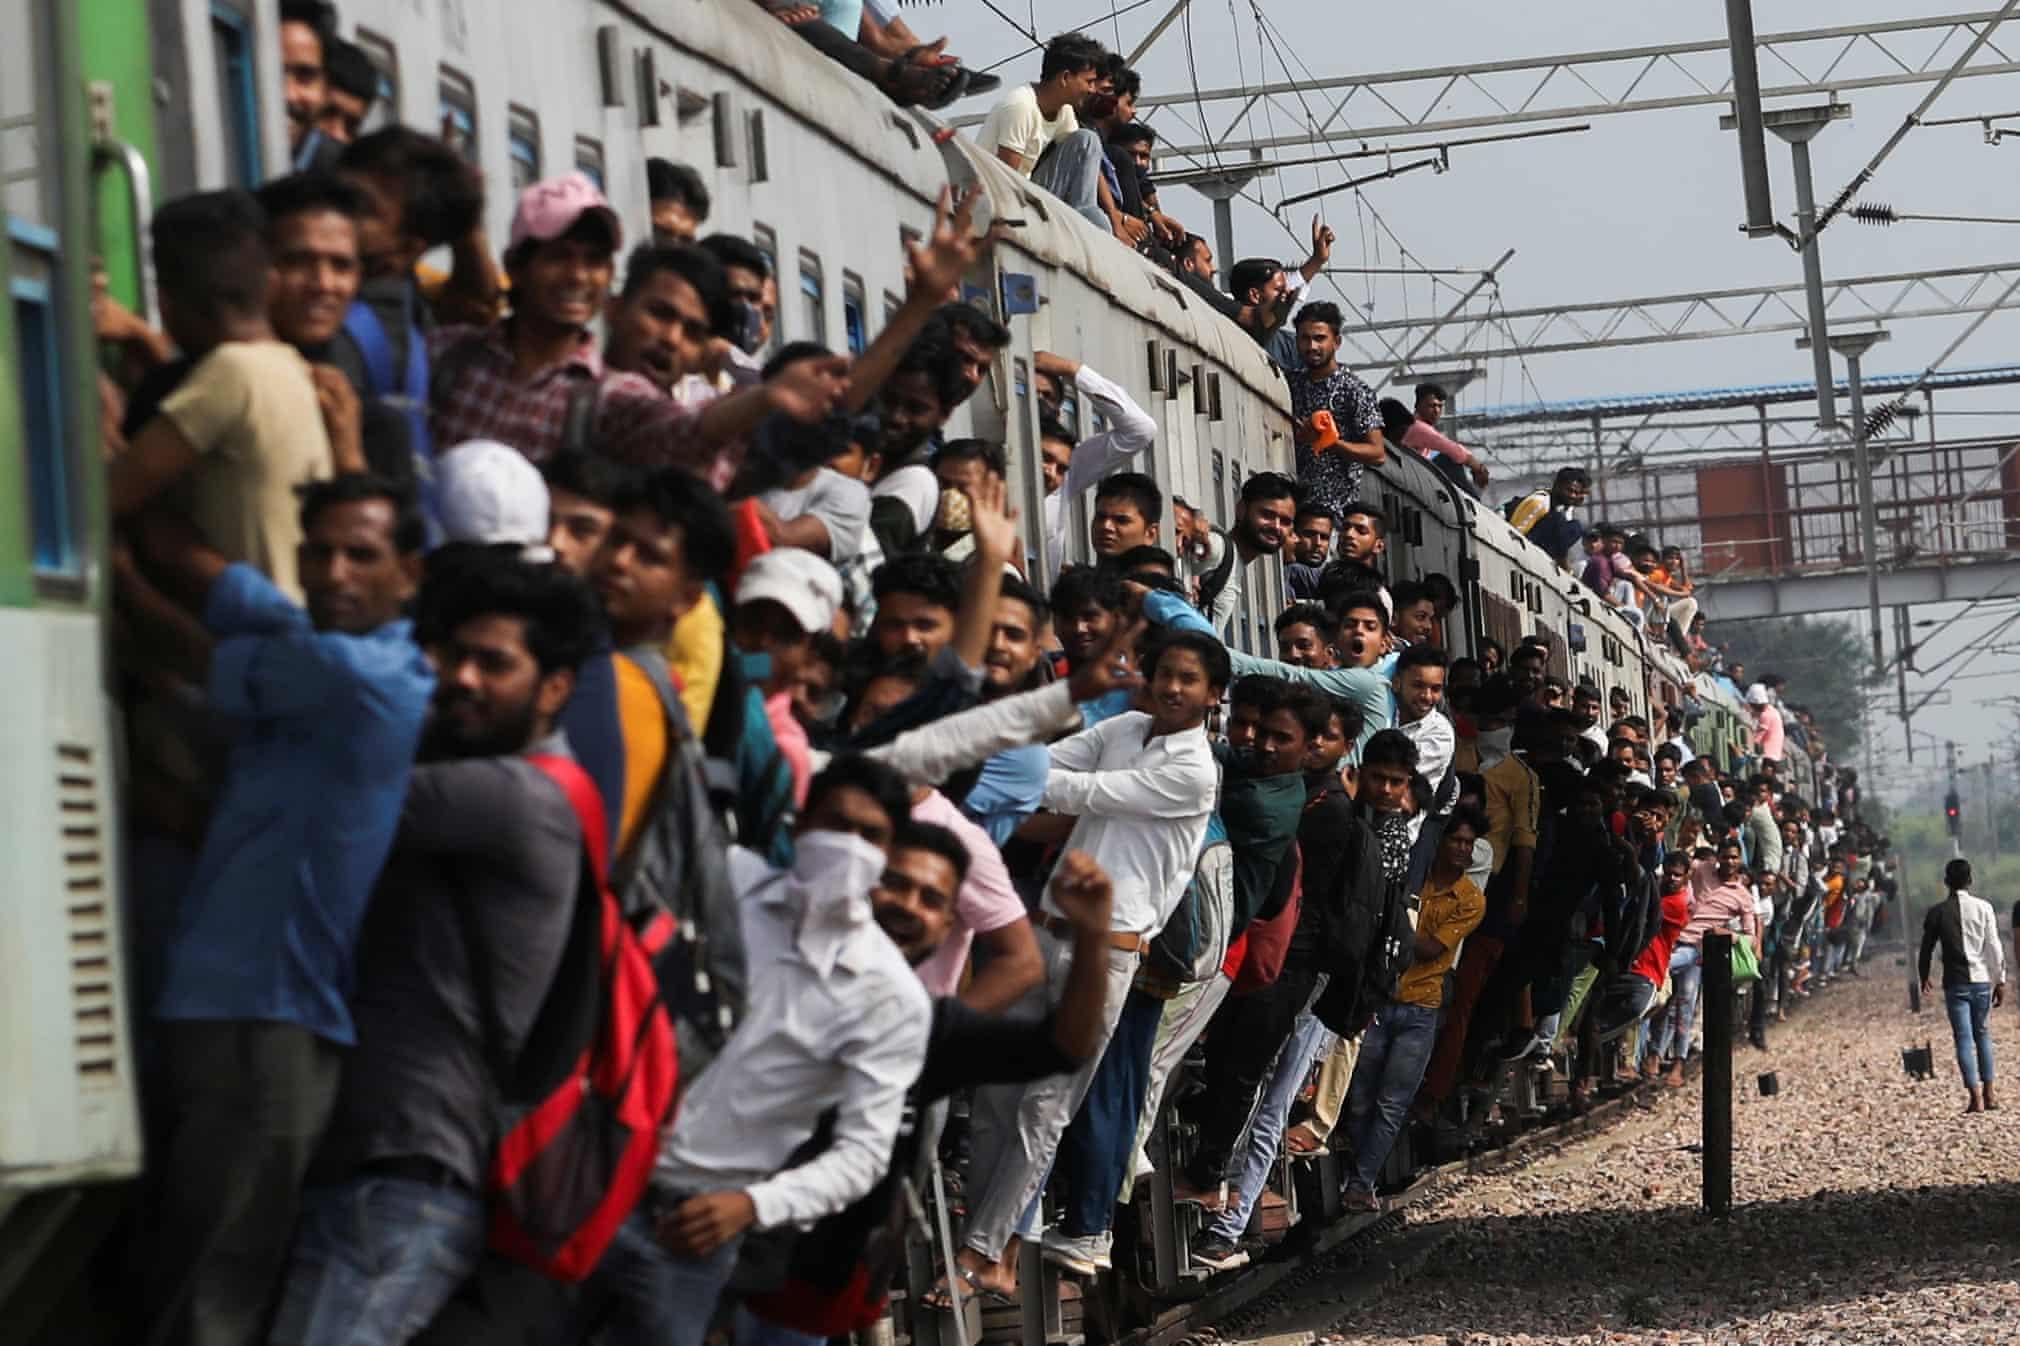 وضعیت عجیب مسافران قطار در هند + عکس